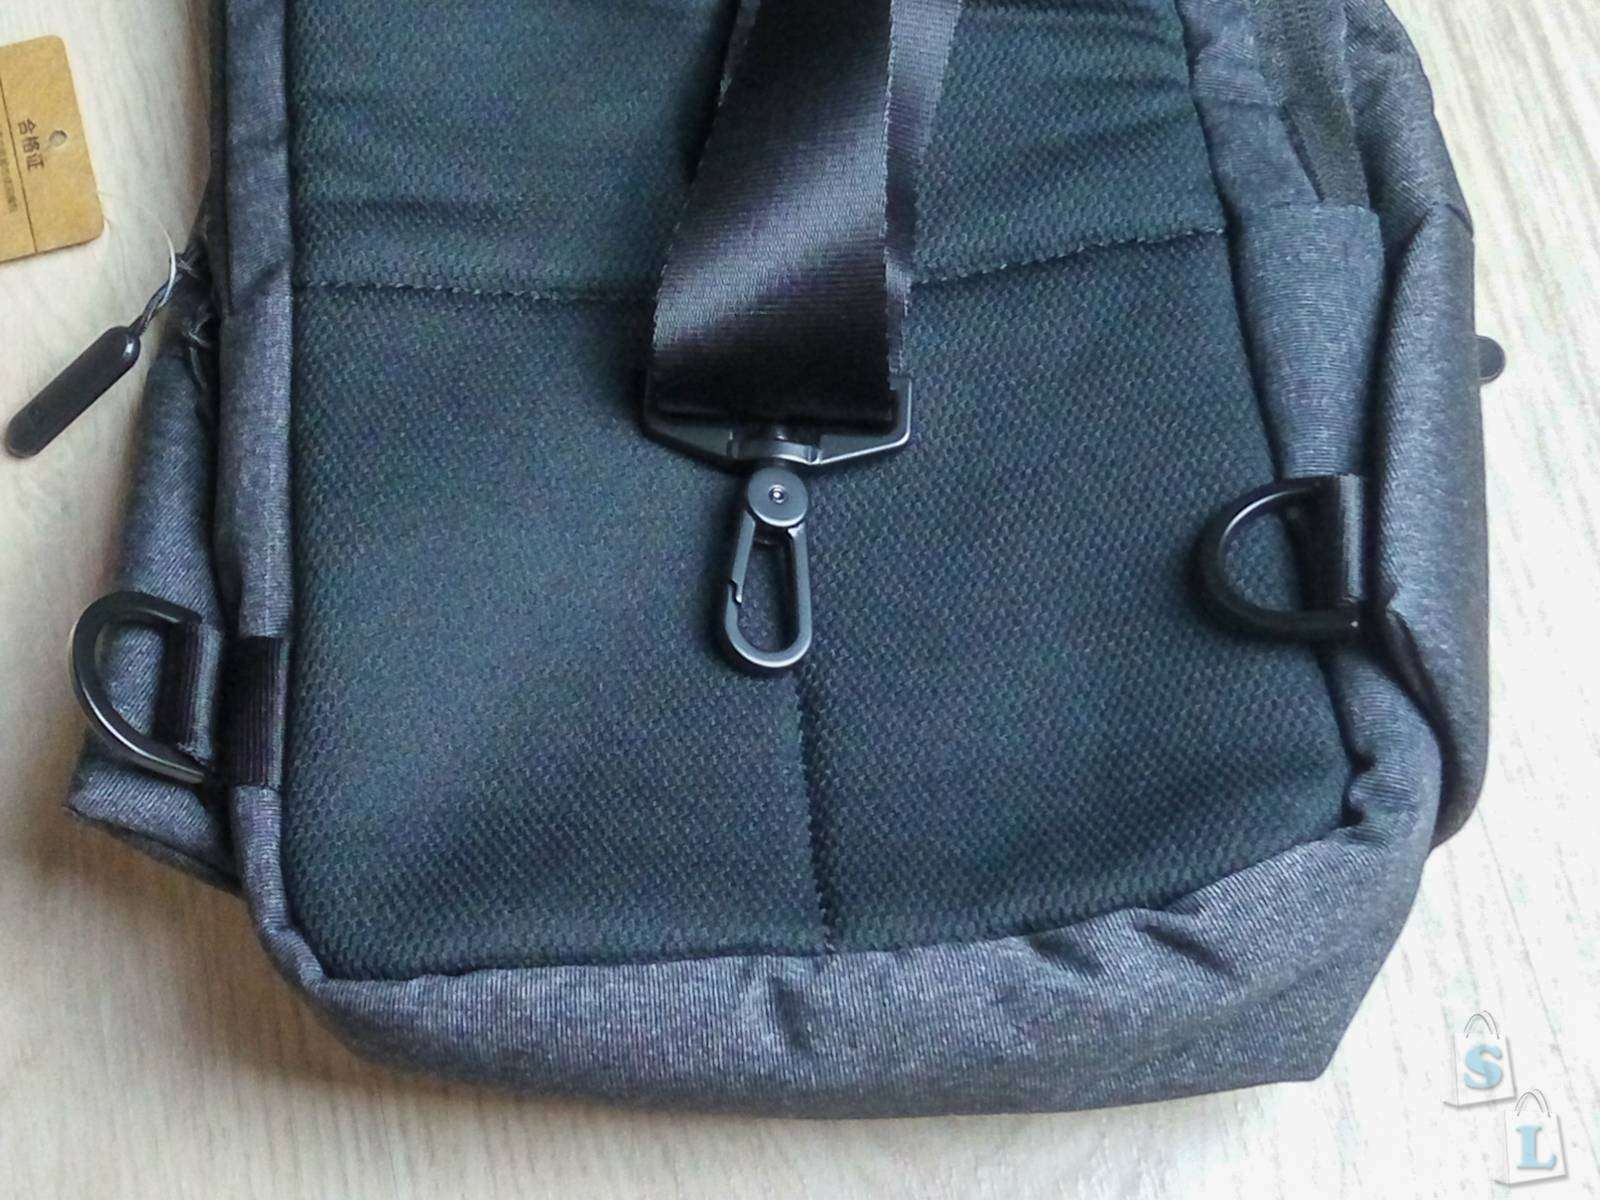 7ba73d836875 Как мы уже упоминали ранее, внутри Meizu Backpack расположены четыре  отделения, два из которых основные, а еще два – дополнительные.